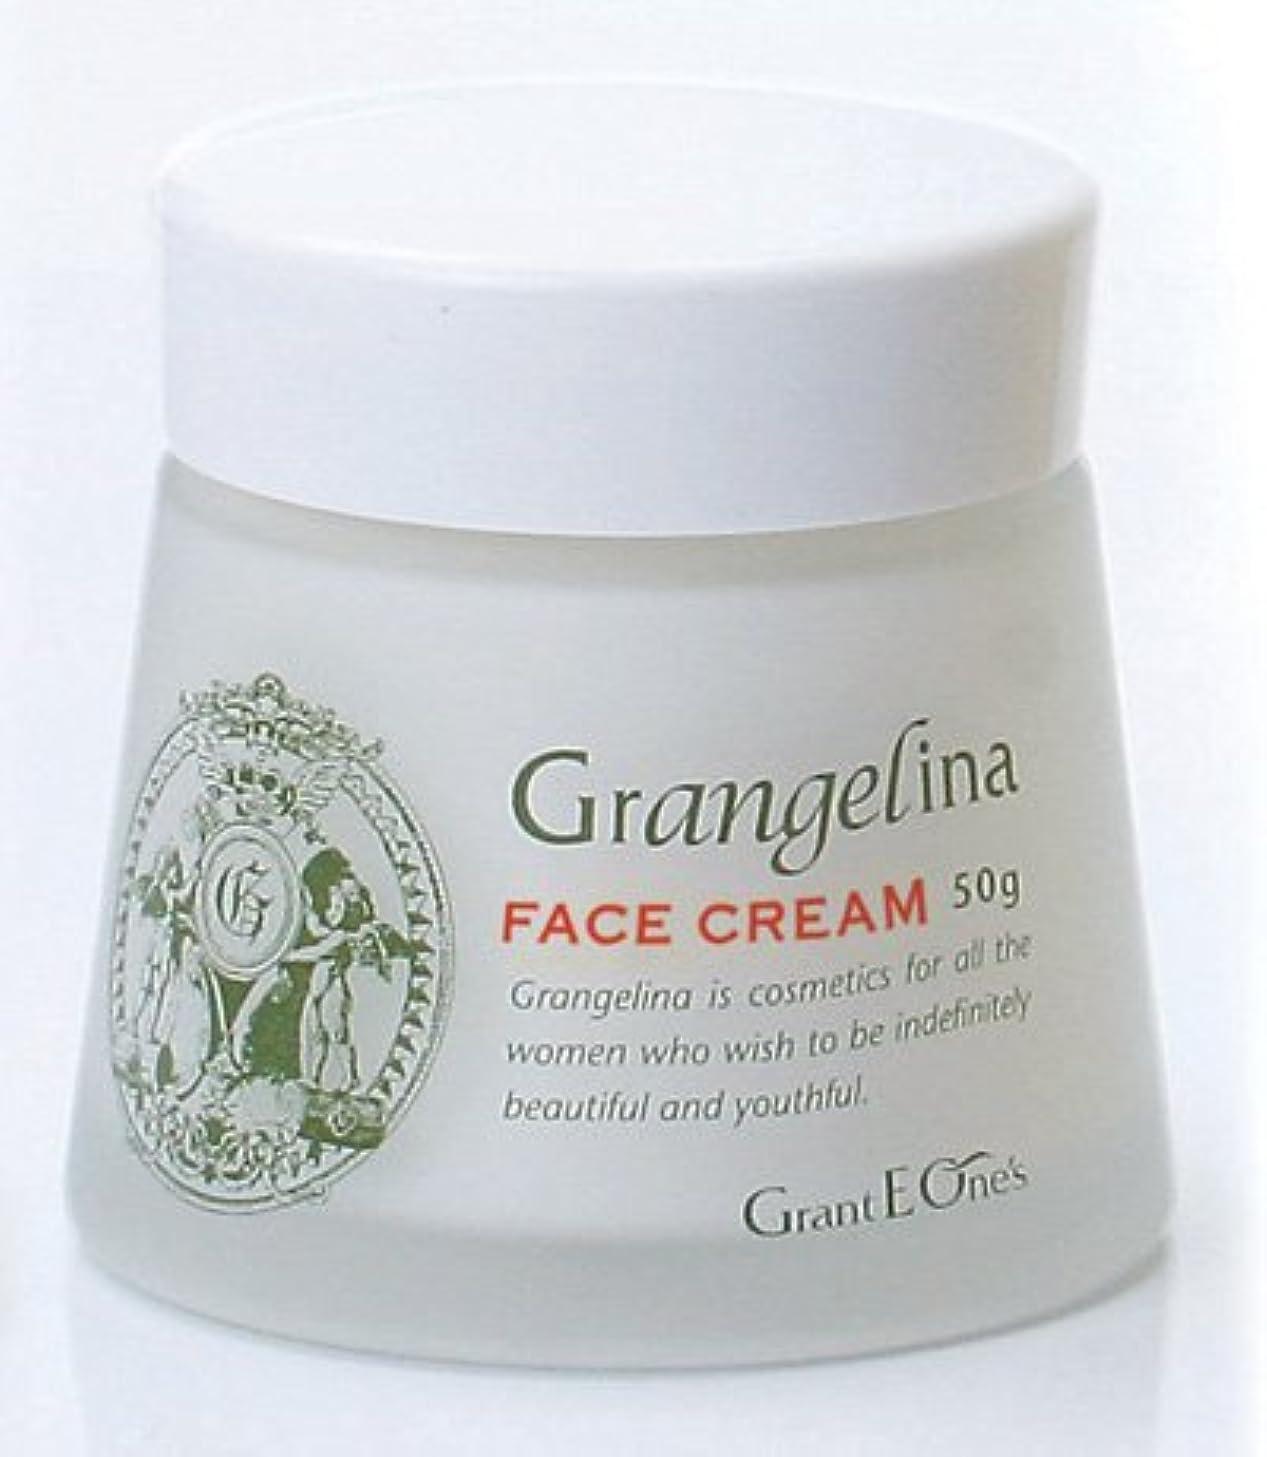 改修リーバルコニーGrangelina グランジェリーナ フェイスパック(保湿クリーム)50g